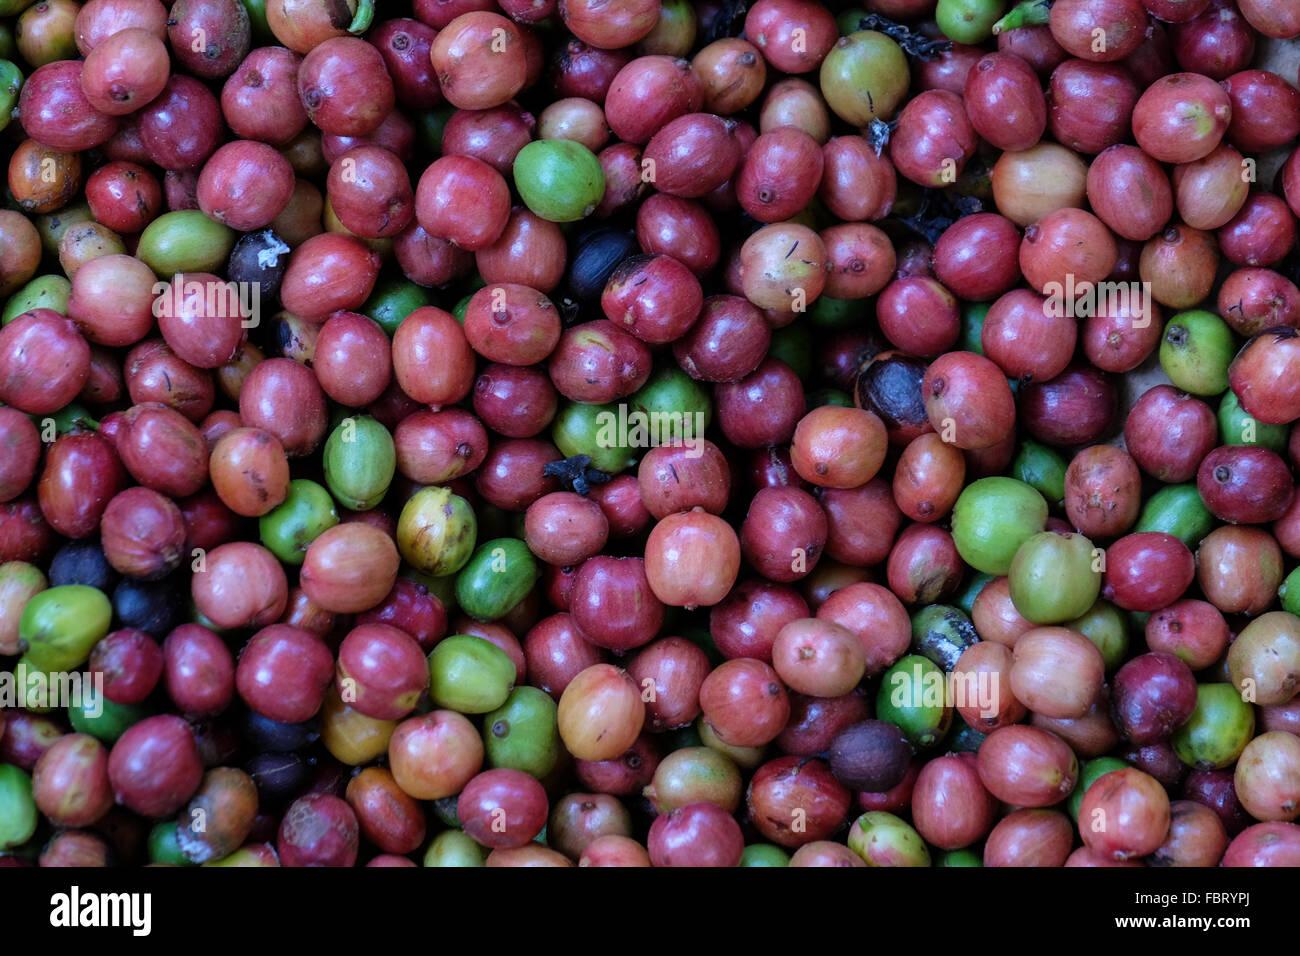 Arabica coffee cherries in Bolaven Plateau, Laos - Stock Image